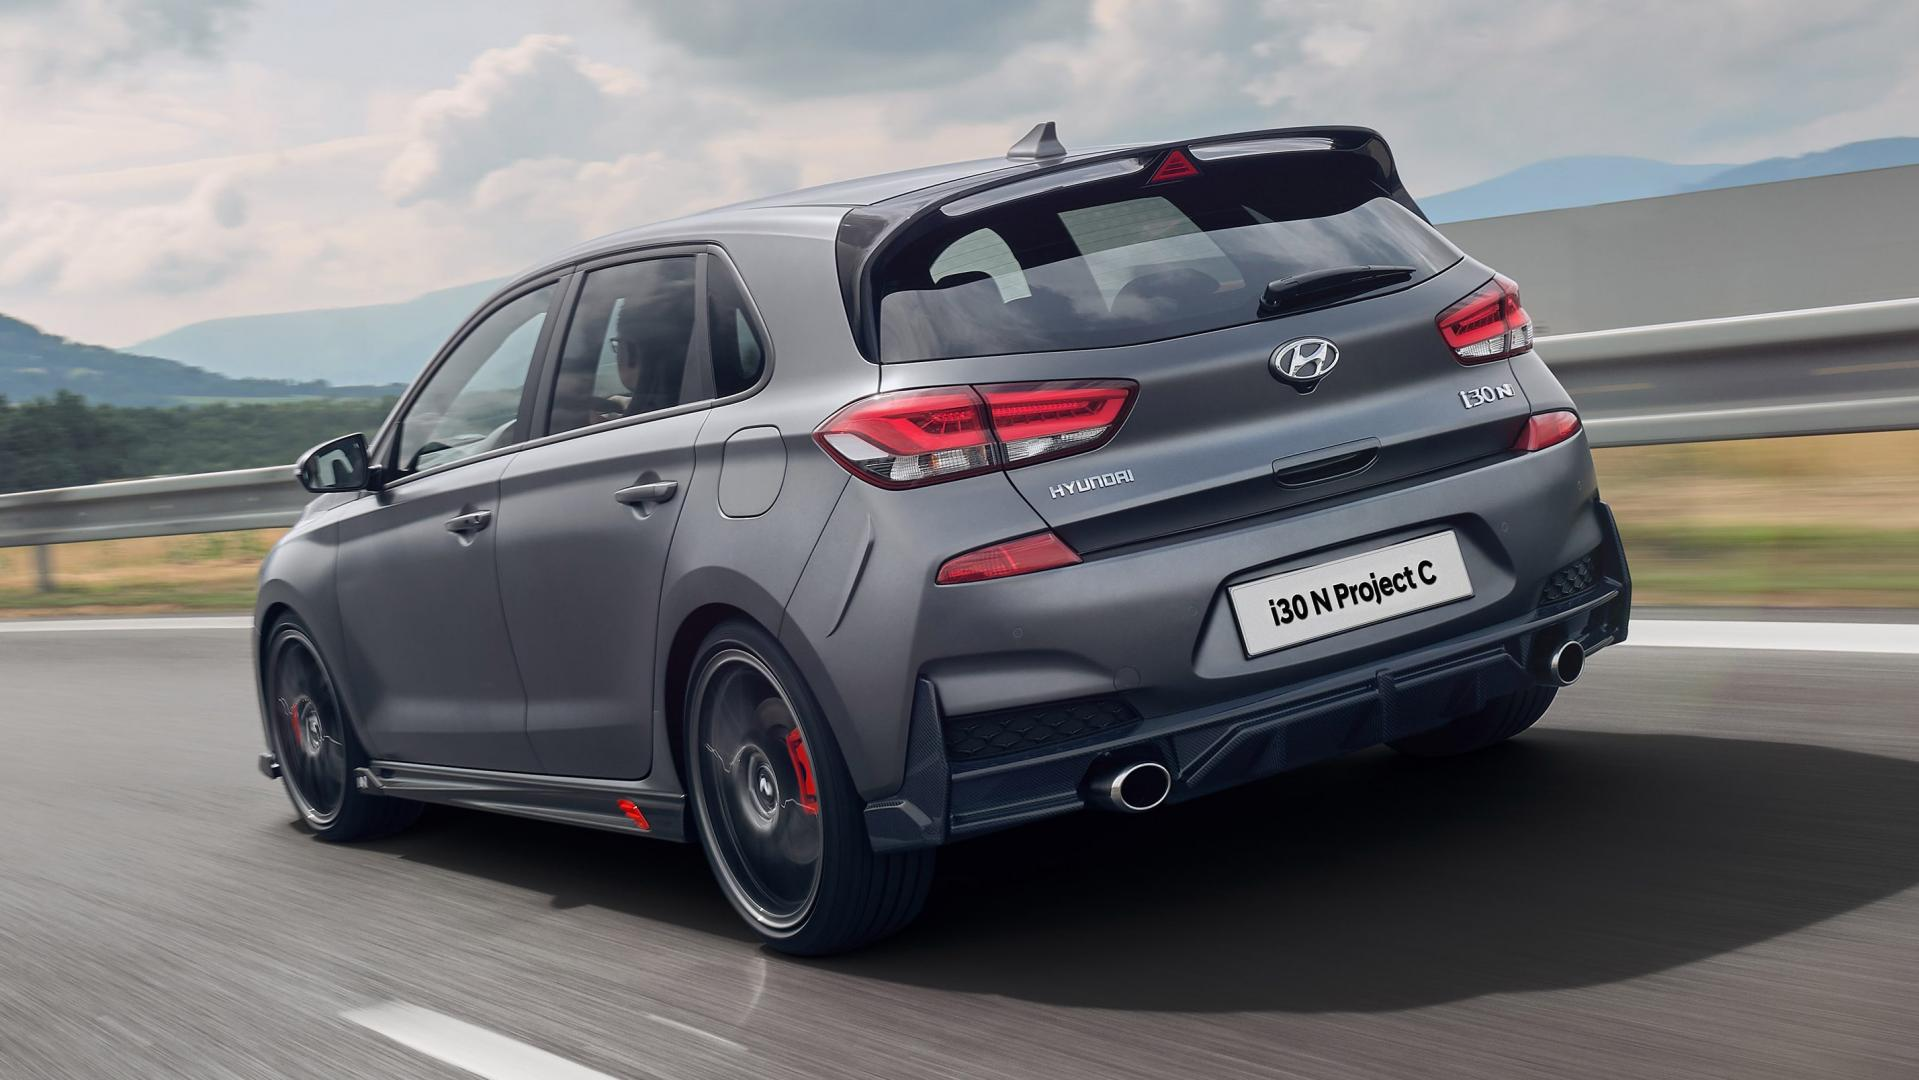 Hyundai i30 N Project C